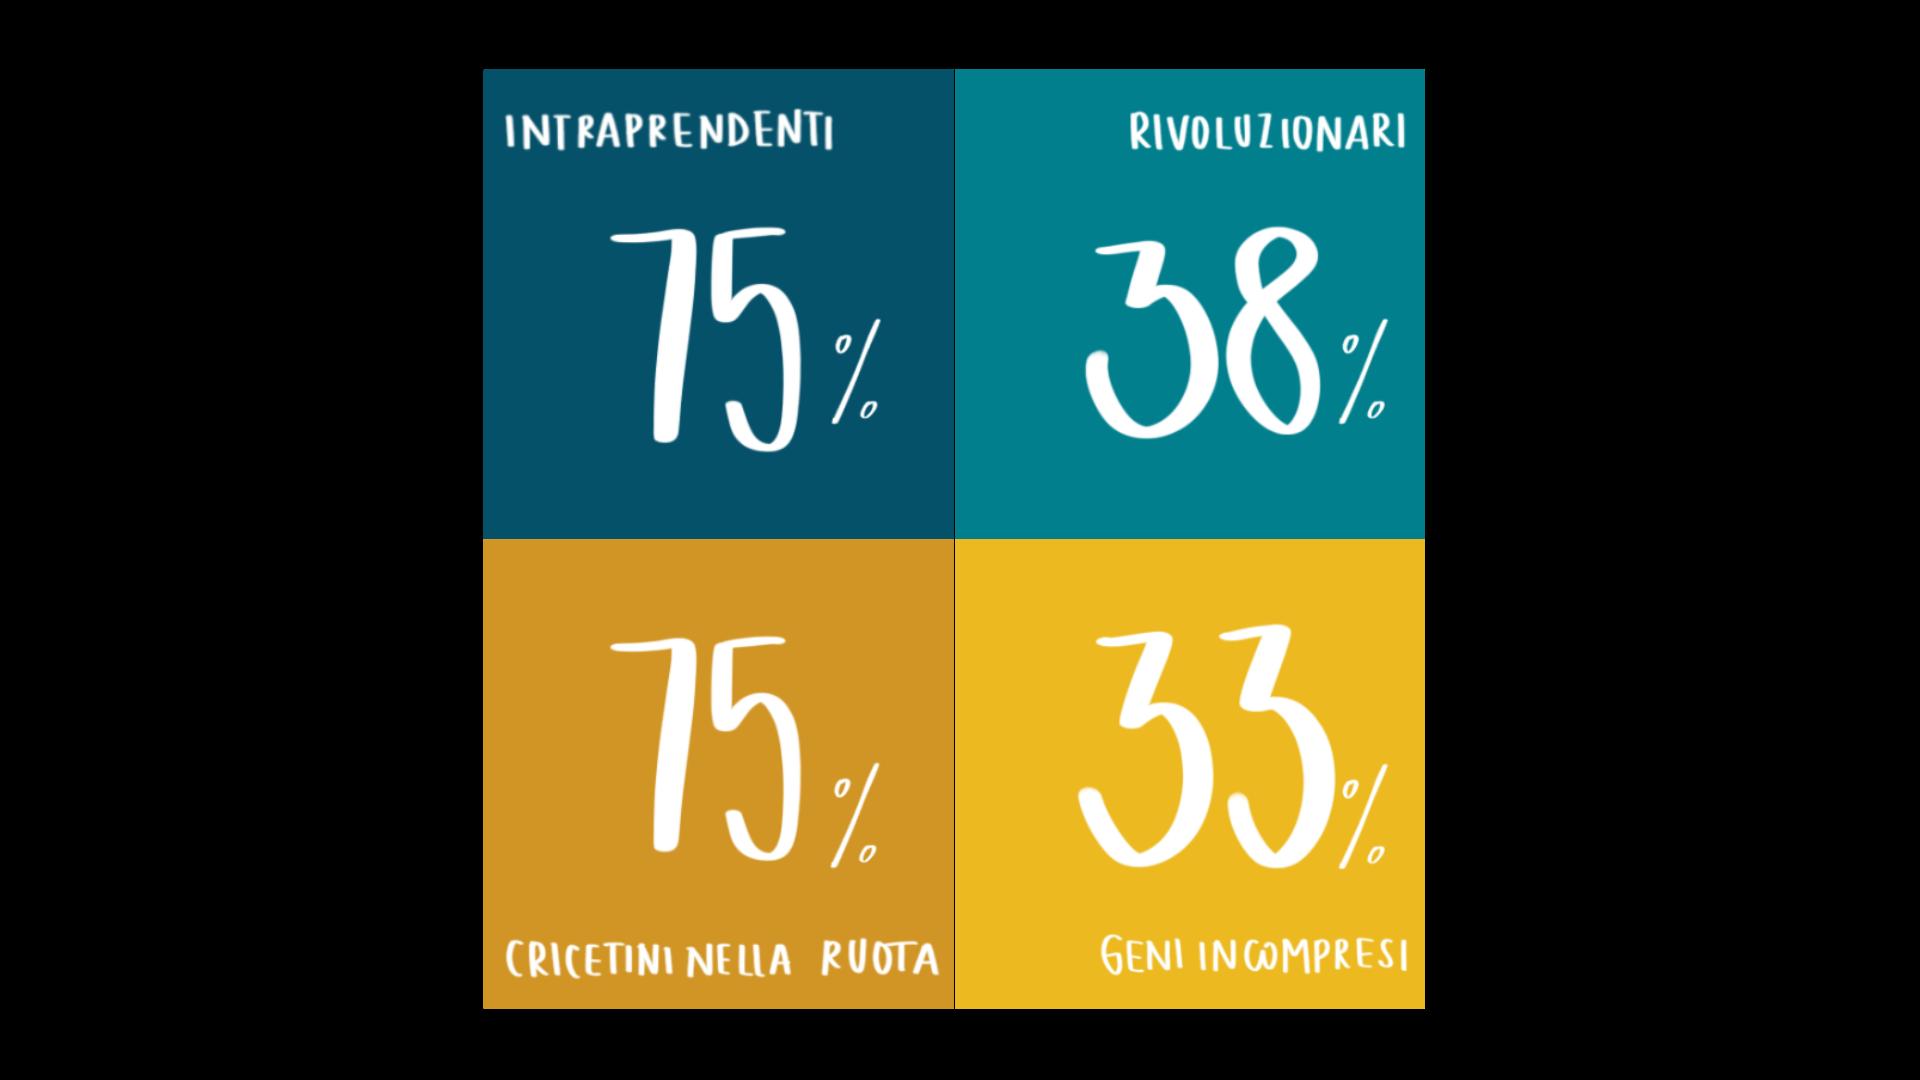 Agentività e autoefficacia risultati sondaggio